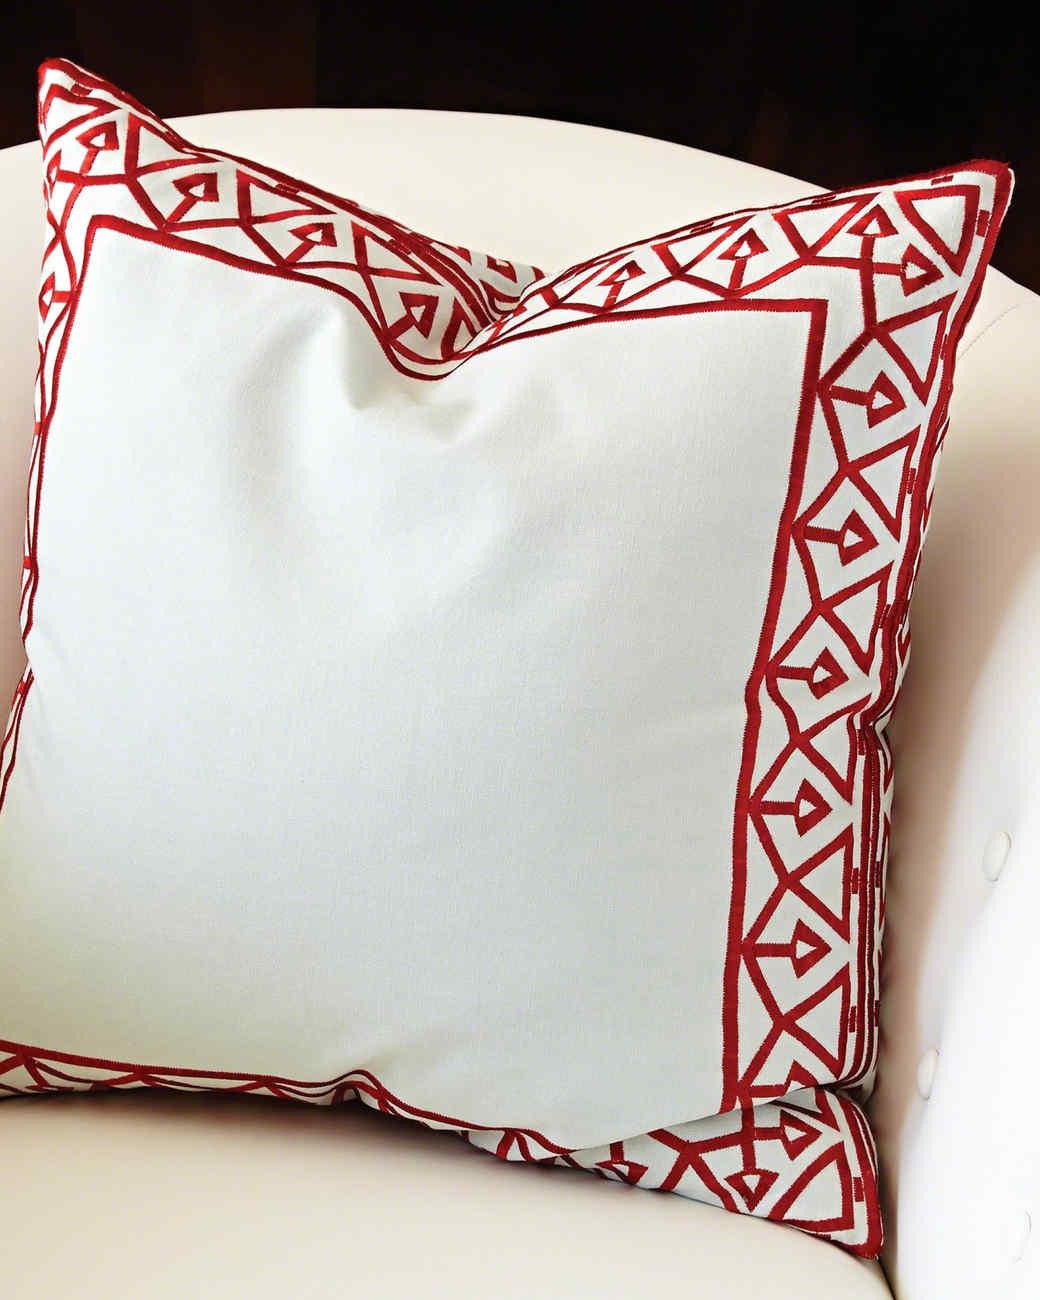 bezel-border-pillow-0415.jpg